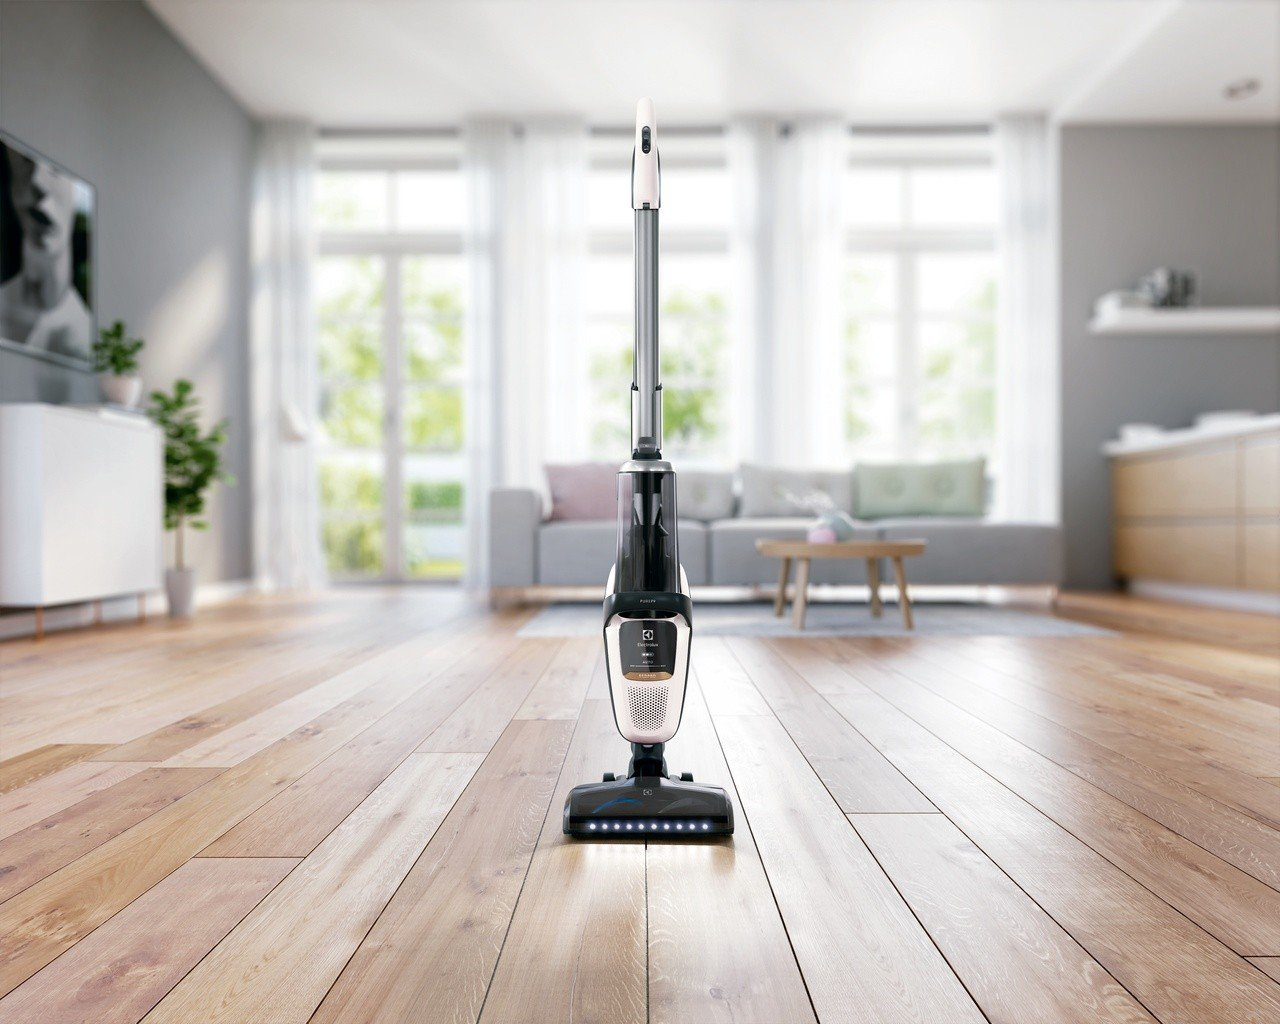 伊萊克斯本於瑞典總部發布了全新Pure F9滑移百變吸塵器,推出業界首創主機滑移...